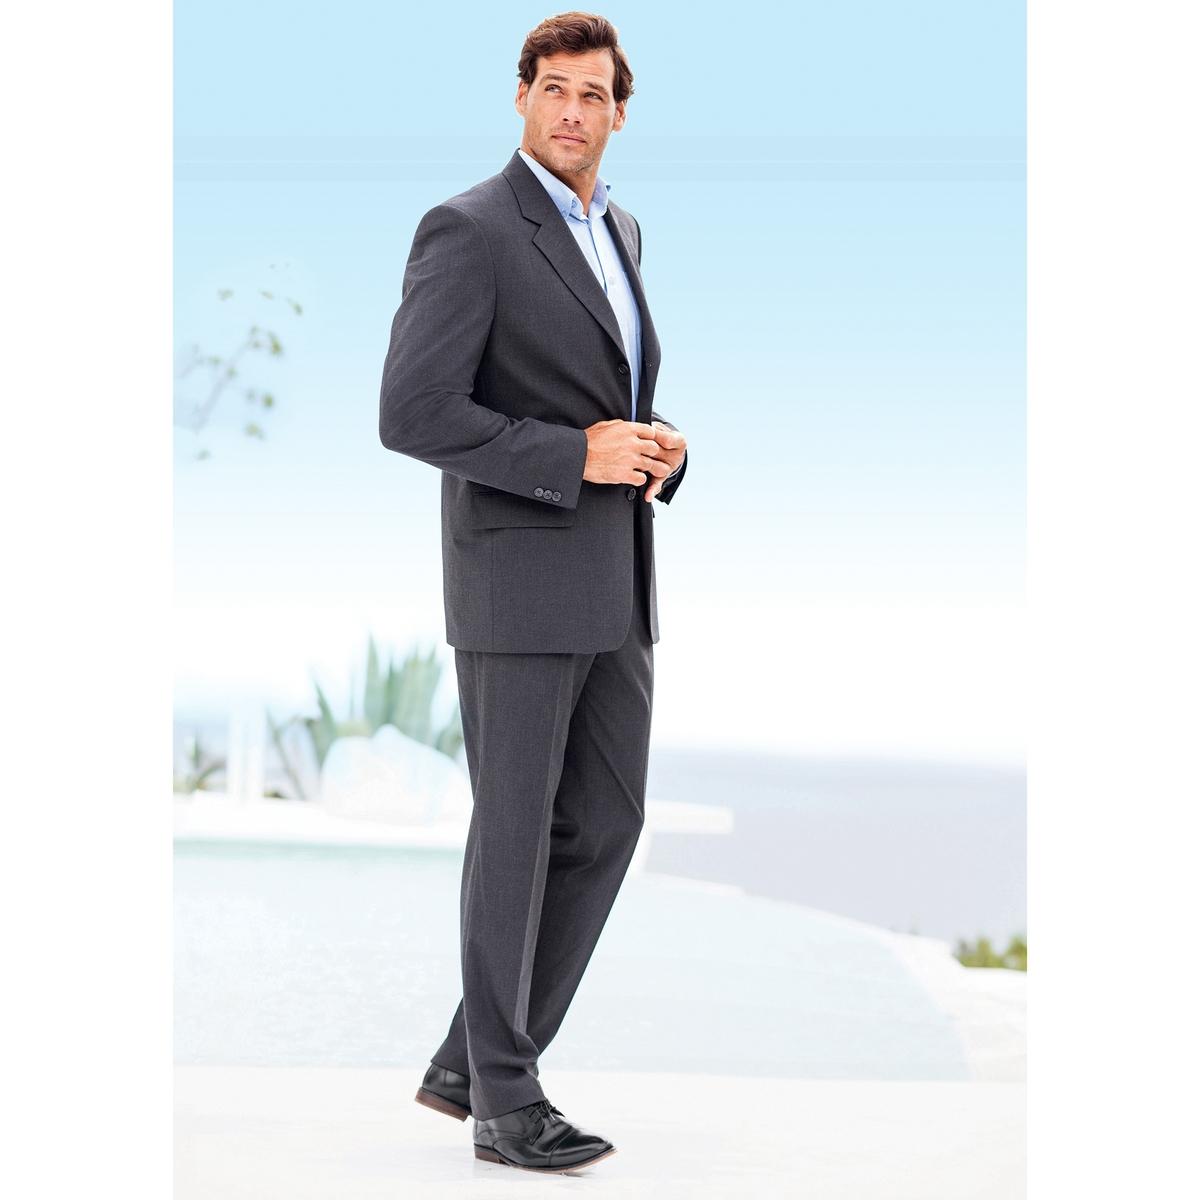 Пиджак костюмный, стрейч, размер 3Полностью на подкладке, 100% полиэстер. Размер 3 : на рост от 187 см.Прямой покрой, 3 пуговицы. Шлица сзади. 1 нагрудный карман и 2 кармана с клапаном спереди, 3 внутренних кармана. 3 пуговицы на рукавах. Контрастная отделка видимым швом.Существует также в размере 1 (на рост до 176 см)и в размере 2 (на рост от 176 до 187 см).<br><br>Цвет: антрацит,темно-синий,черный